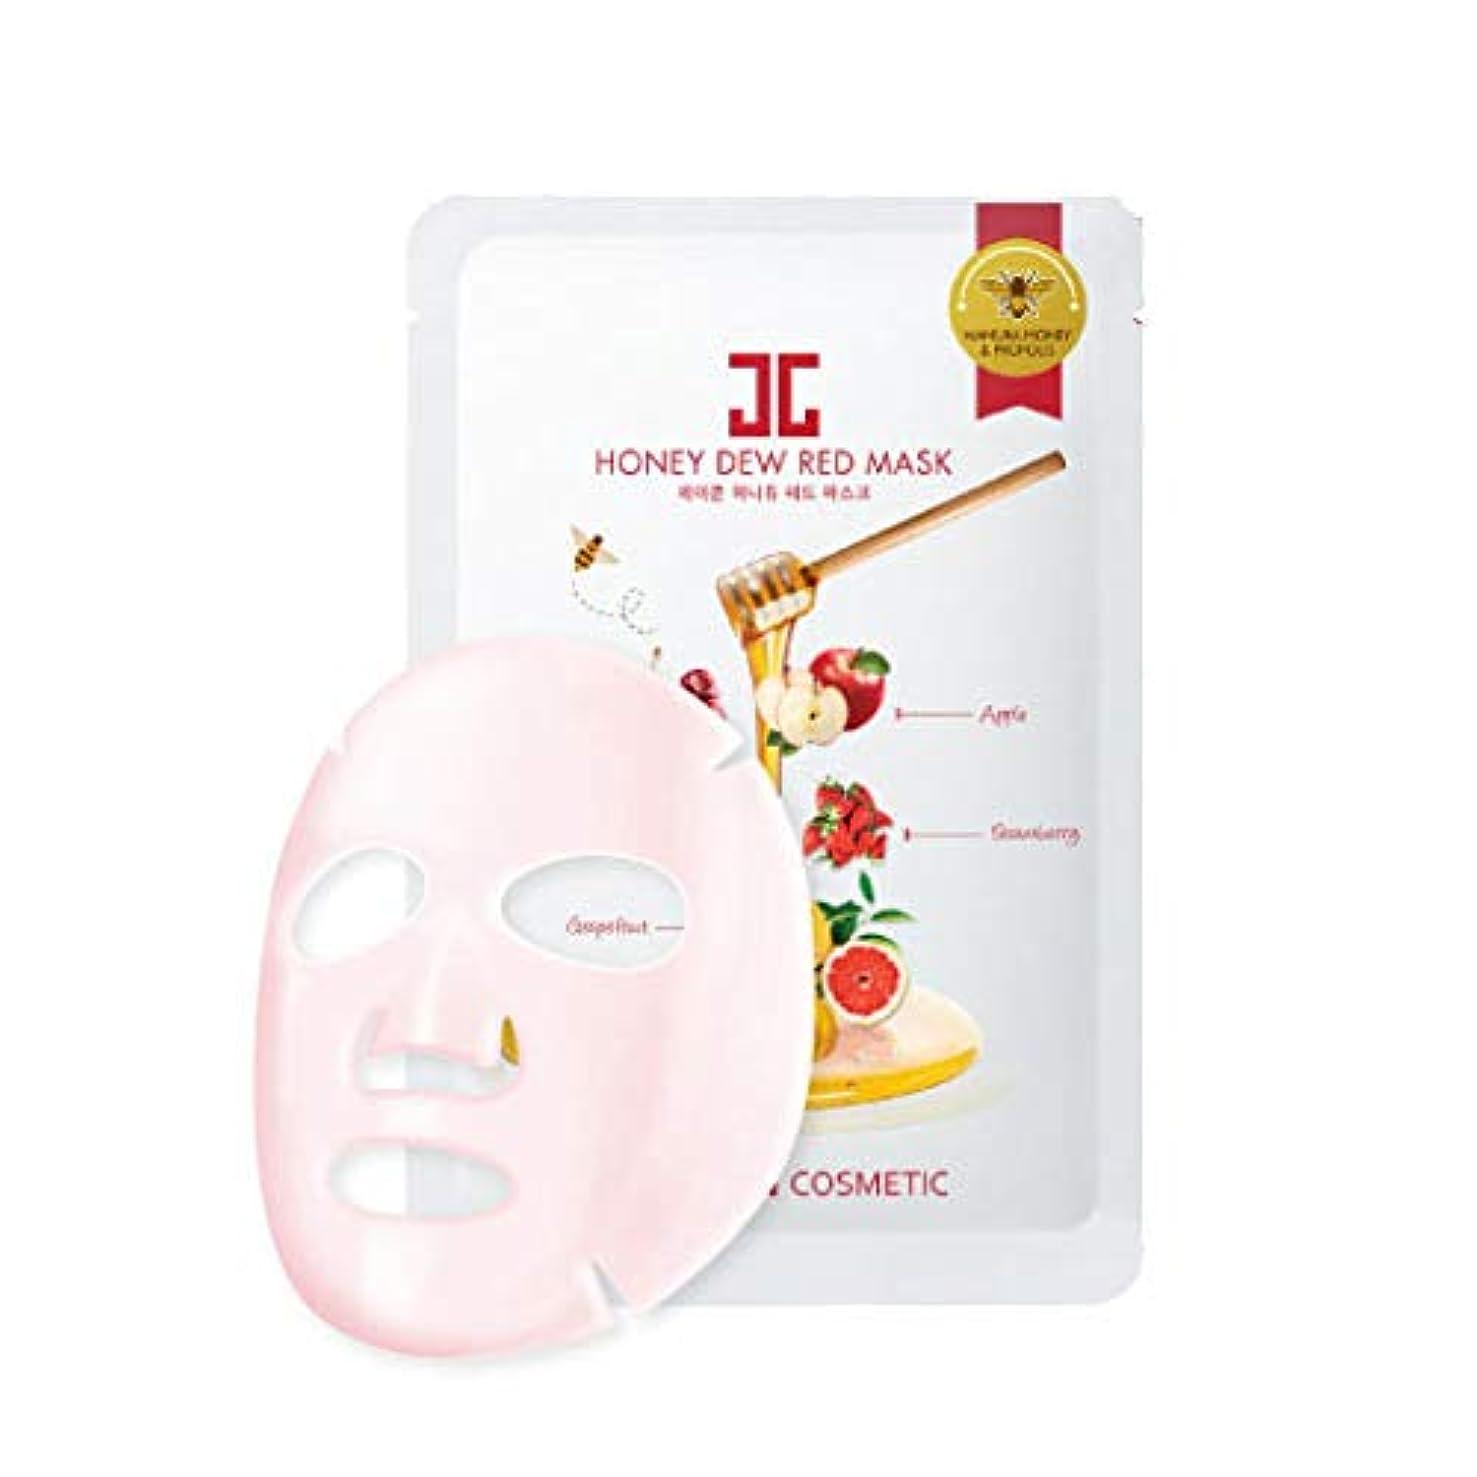 変わる民族主義倉庫Jayjun(ジェイジュン) ハニーデューレッドマスクシート5枚セット